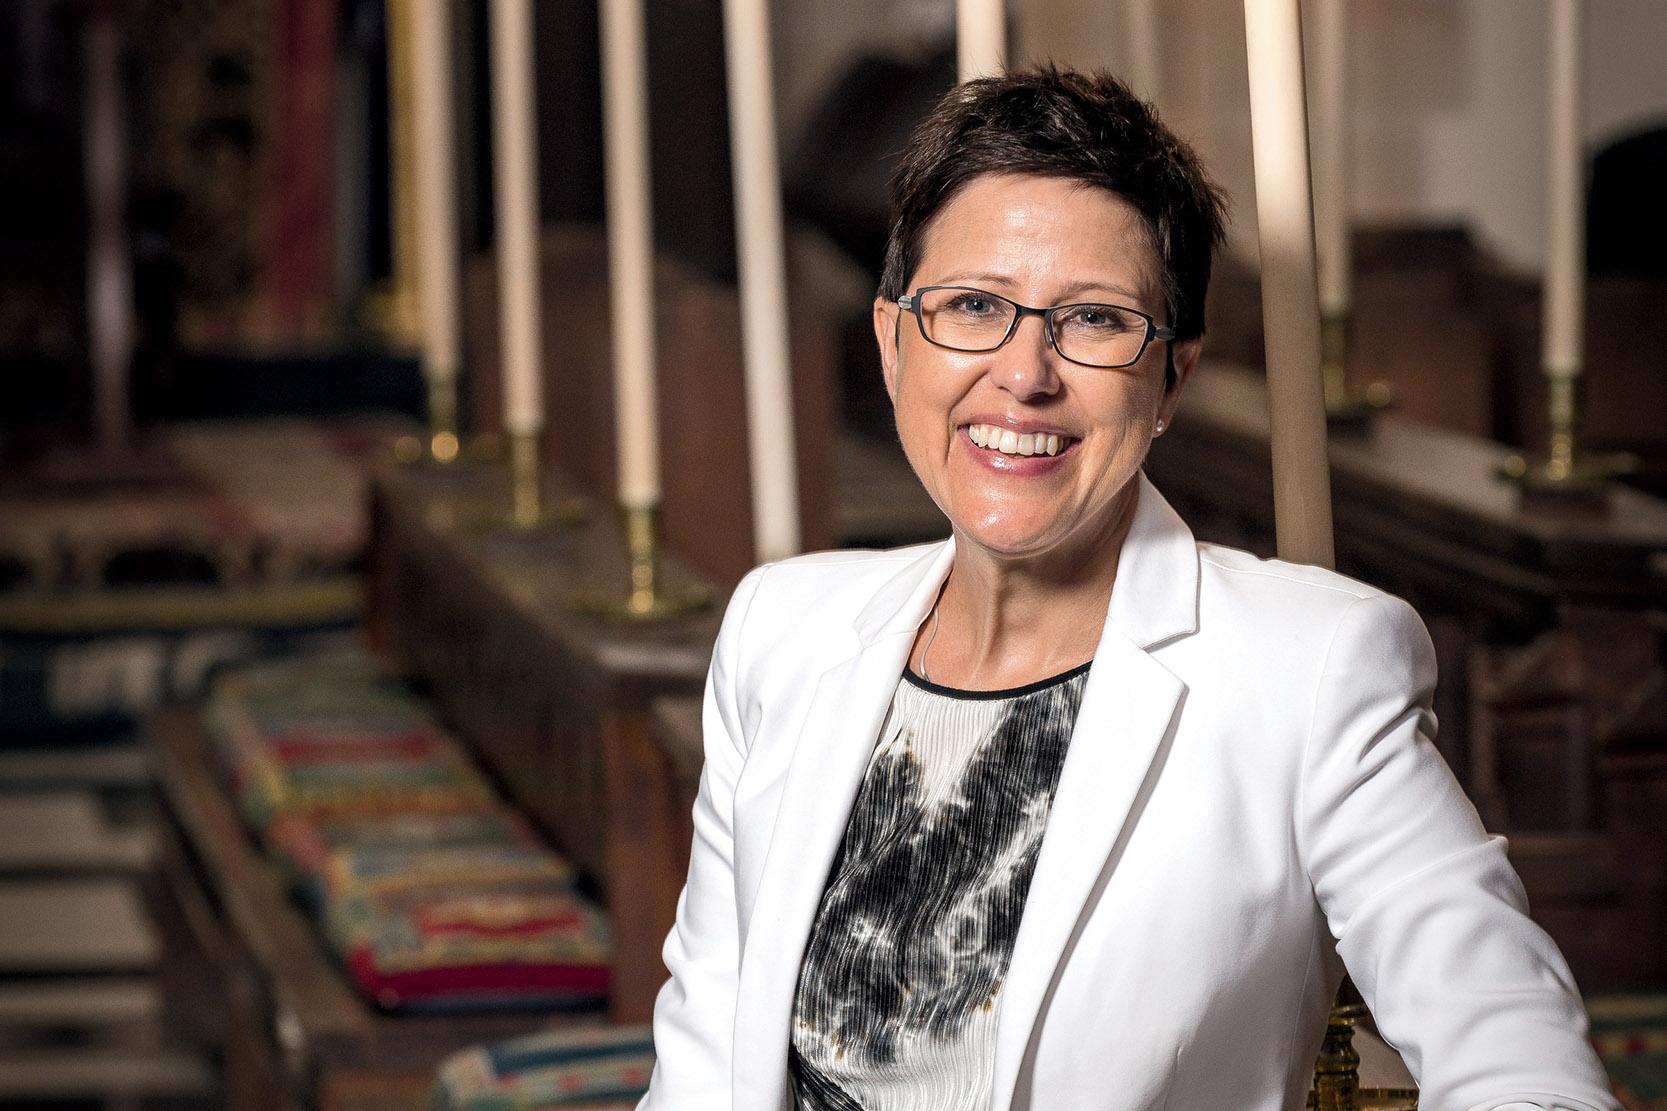 Anne Dunstan, Principal of Guildford Grammar School